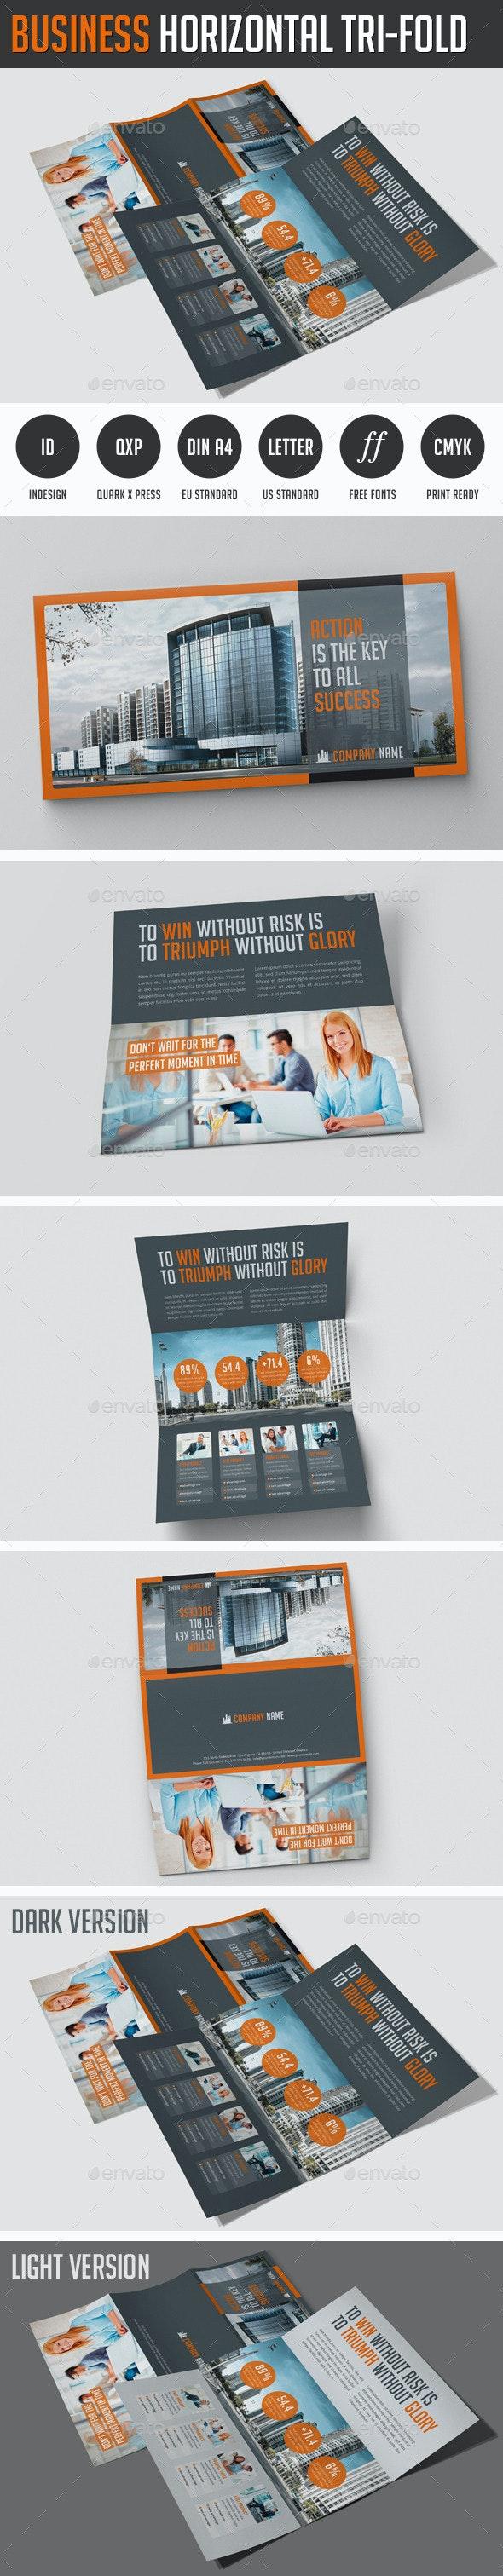 Business Horizontal Flyer - Corporate Brochures